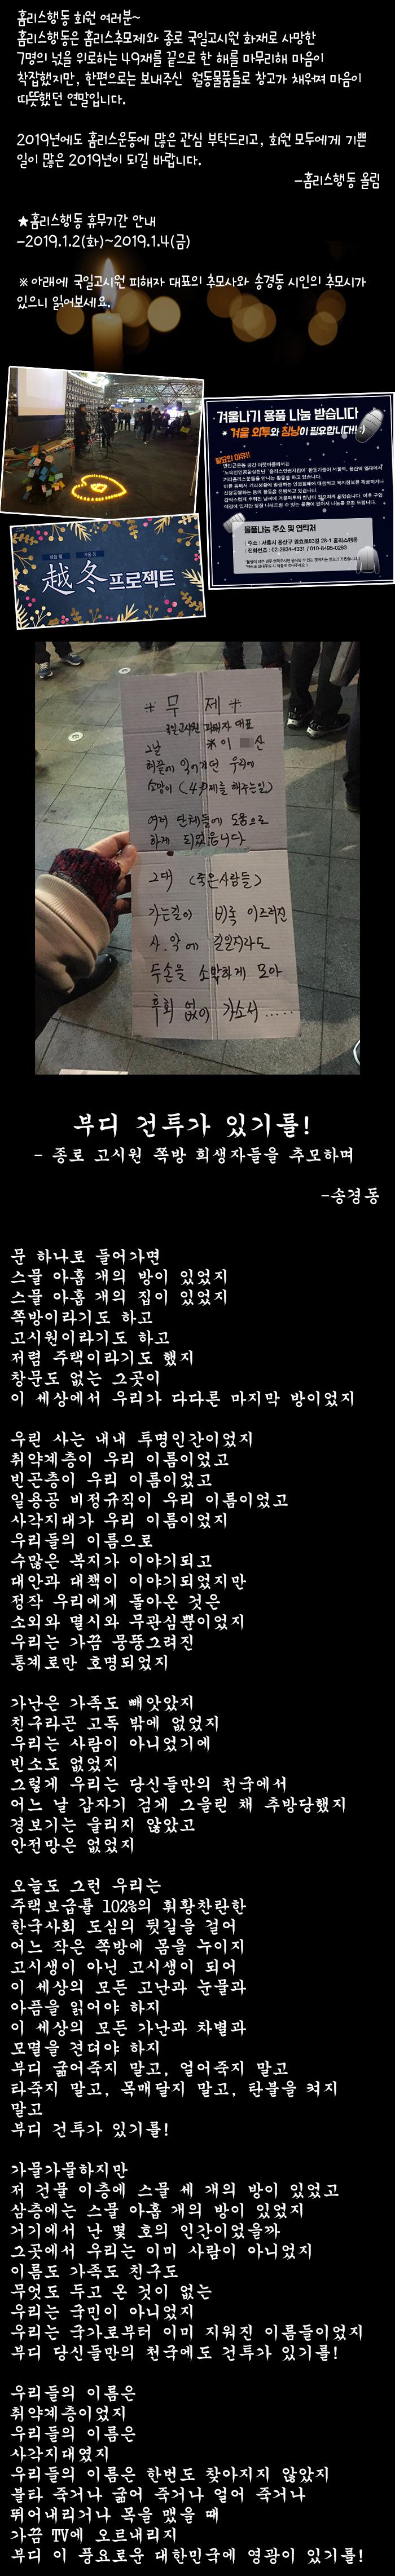 홈리스행동 송구영신 웹자보.jpg